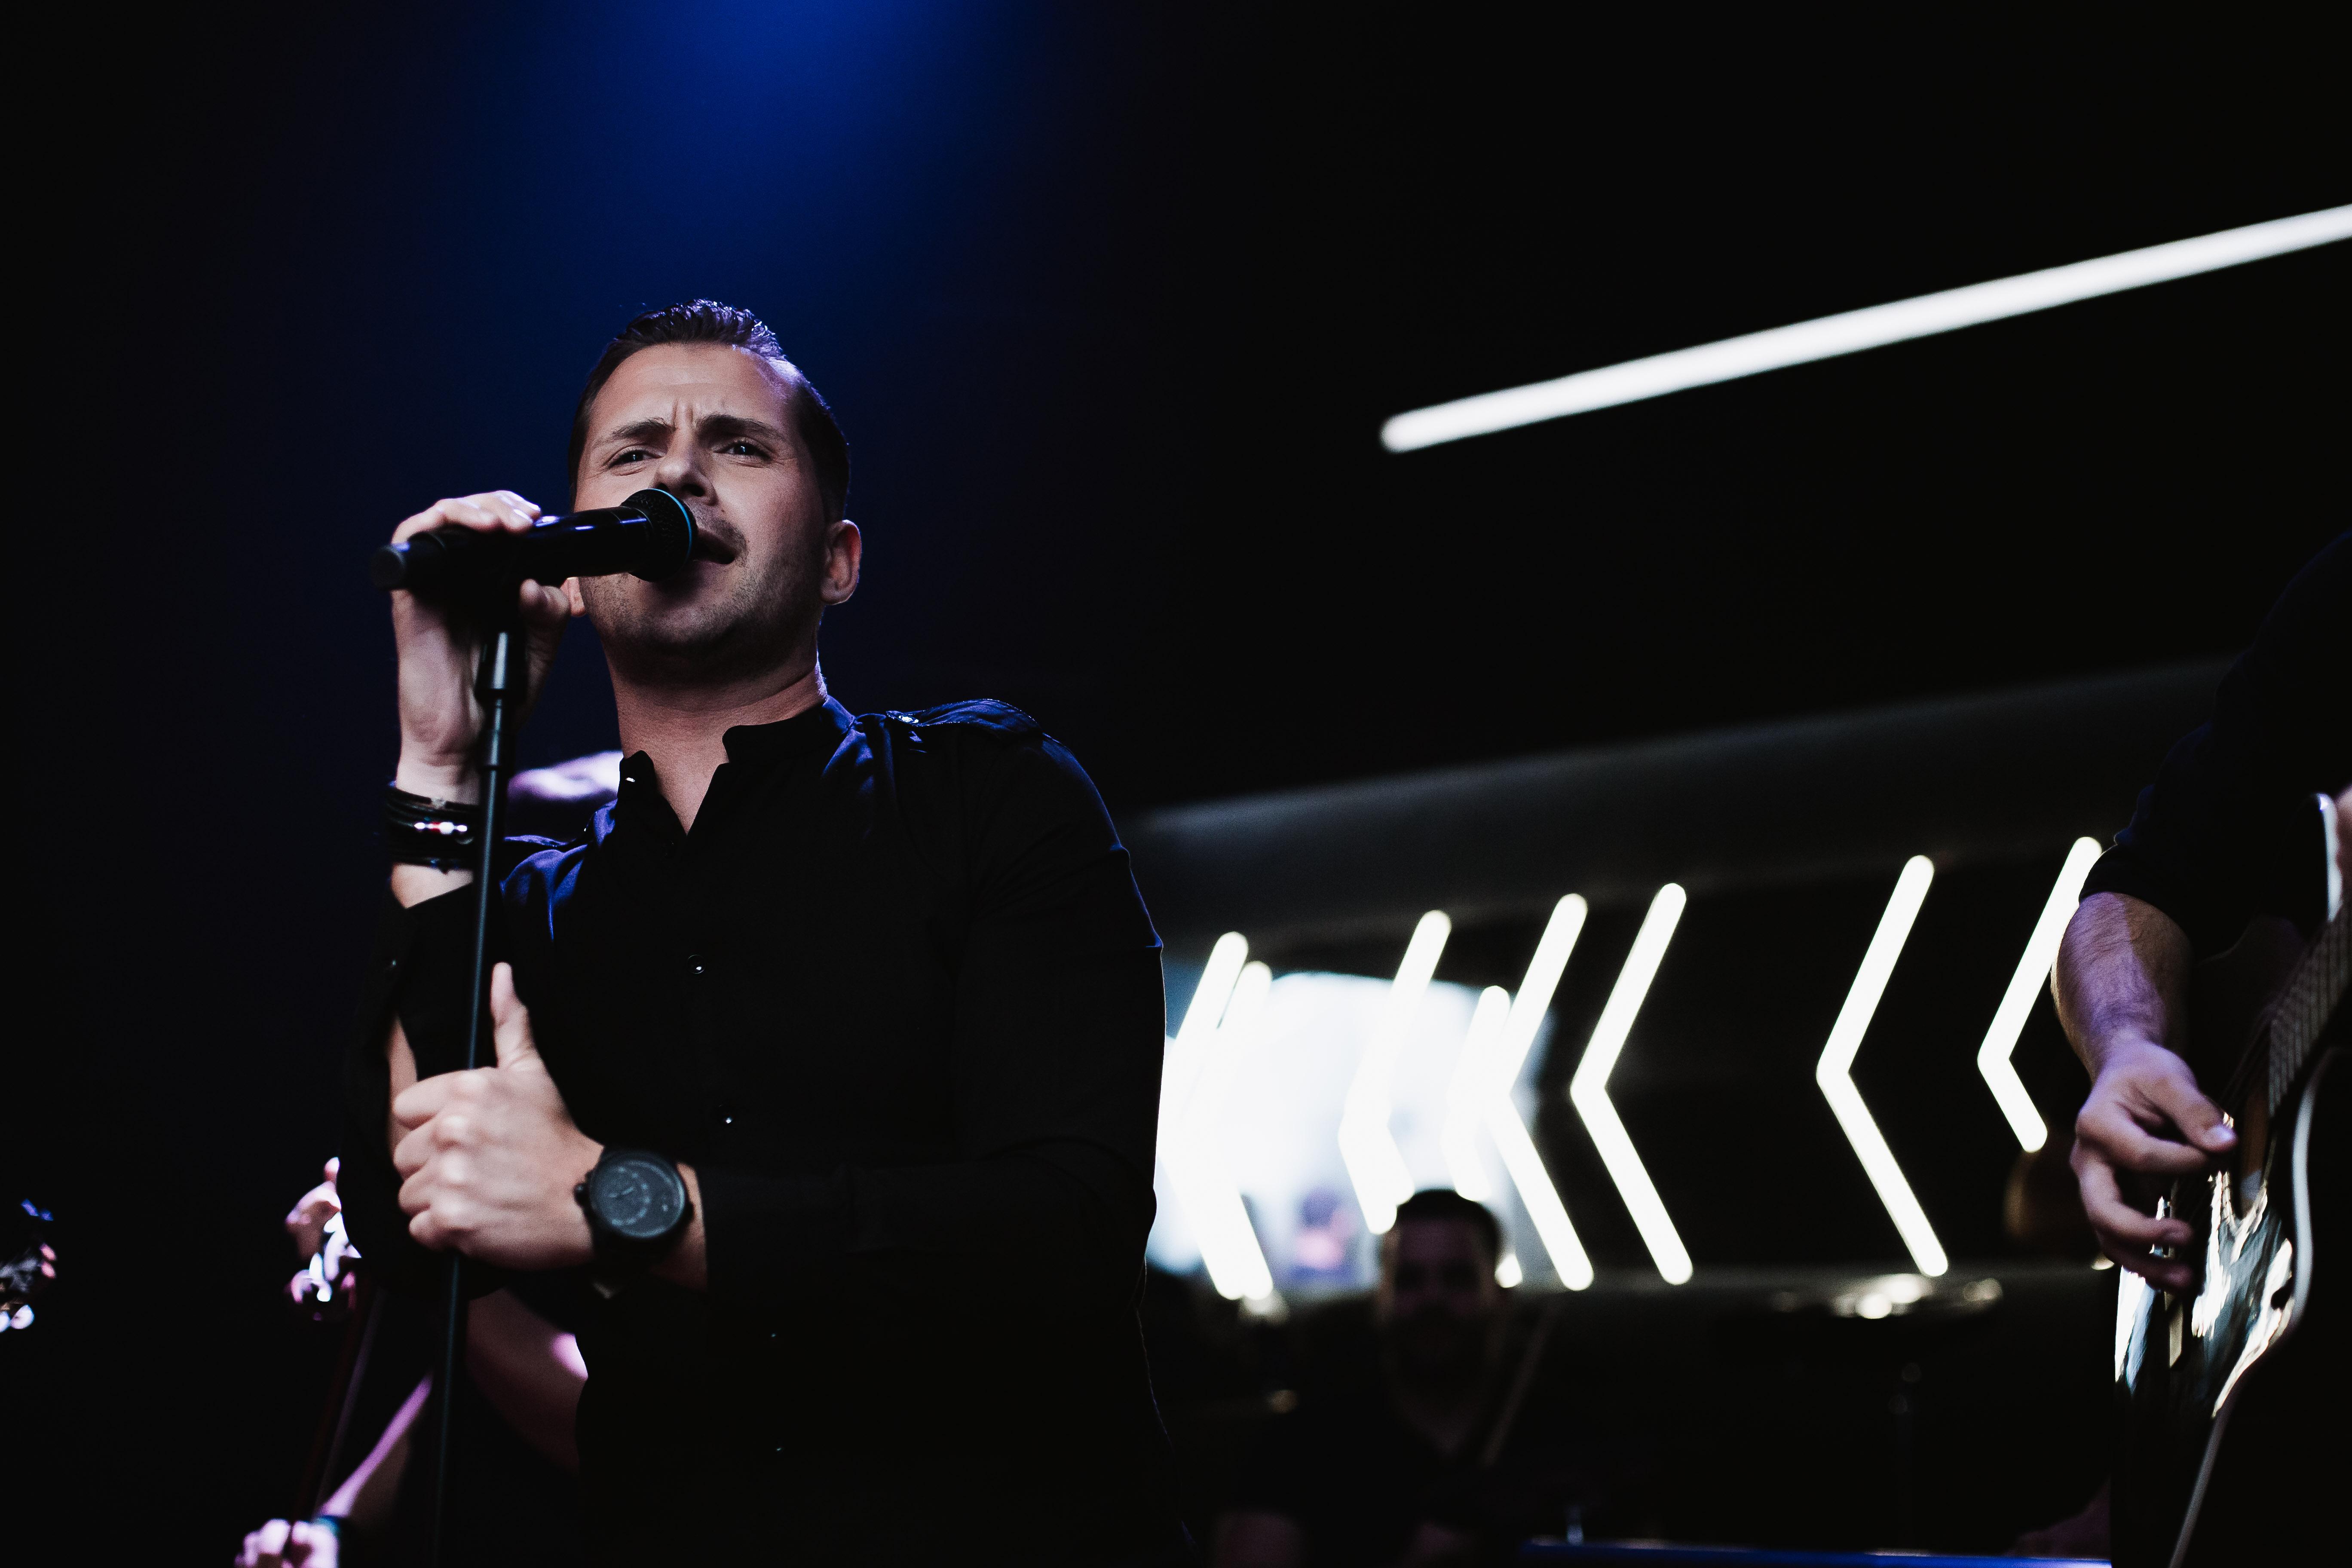 Ανδρέας Δρακόπουλος: Επιστρέφει μ΄ένα άκρως ανεβαστικό Live 2Κ20!